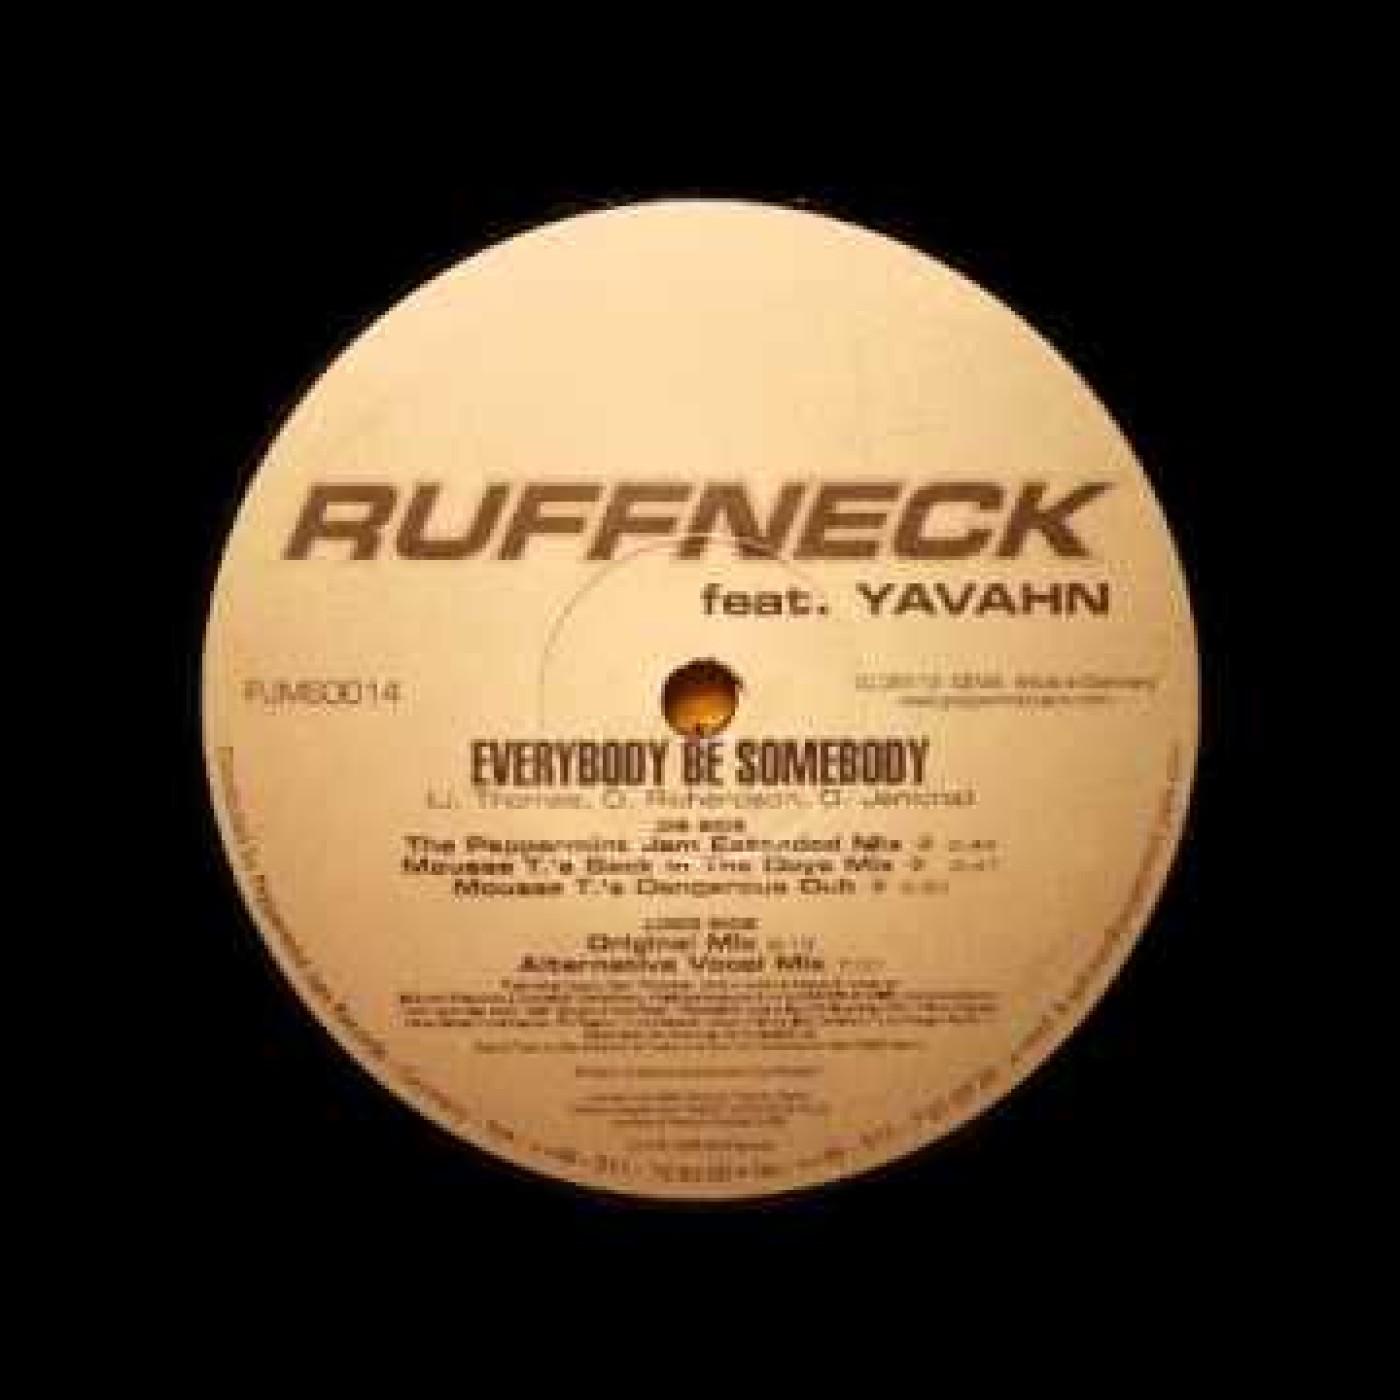 La music story du jour : Ruffneck